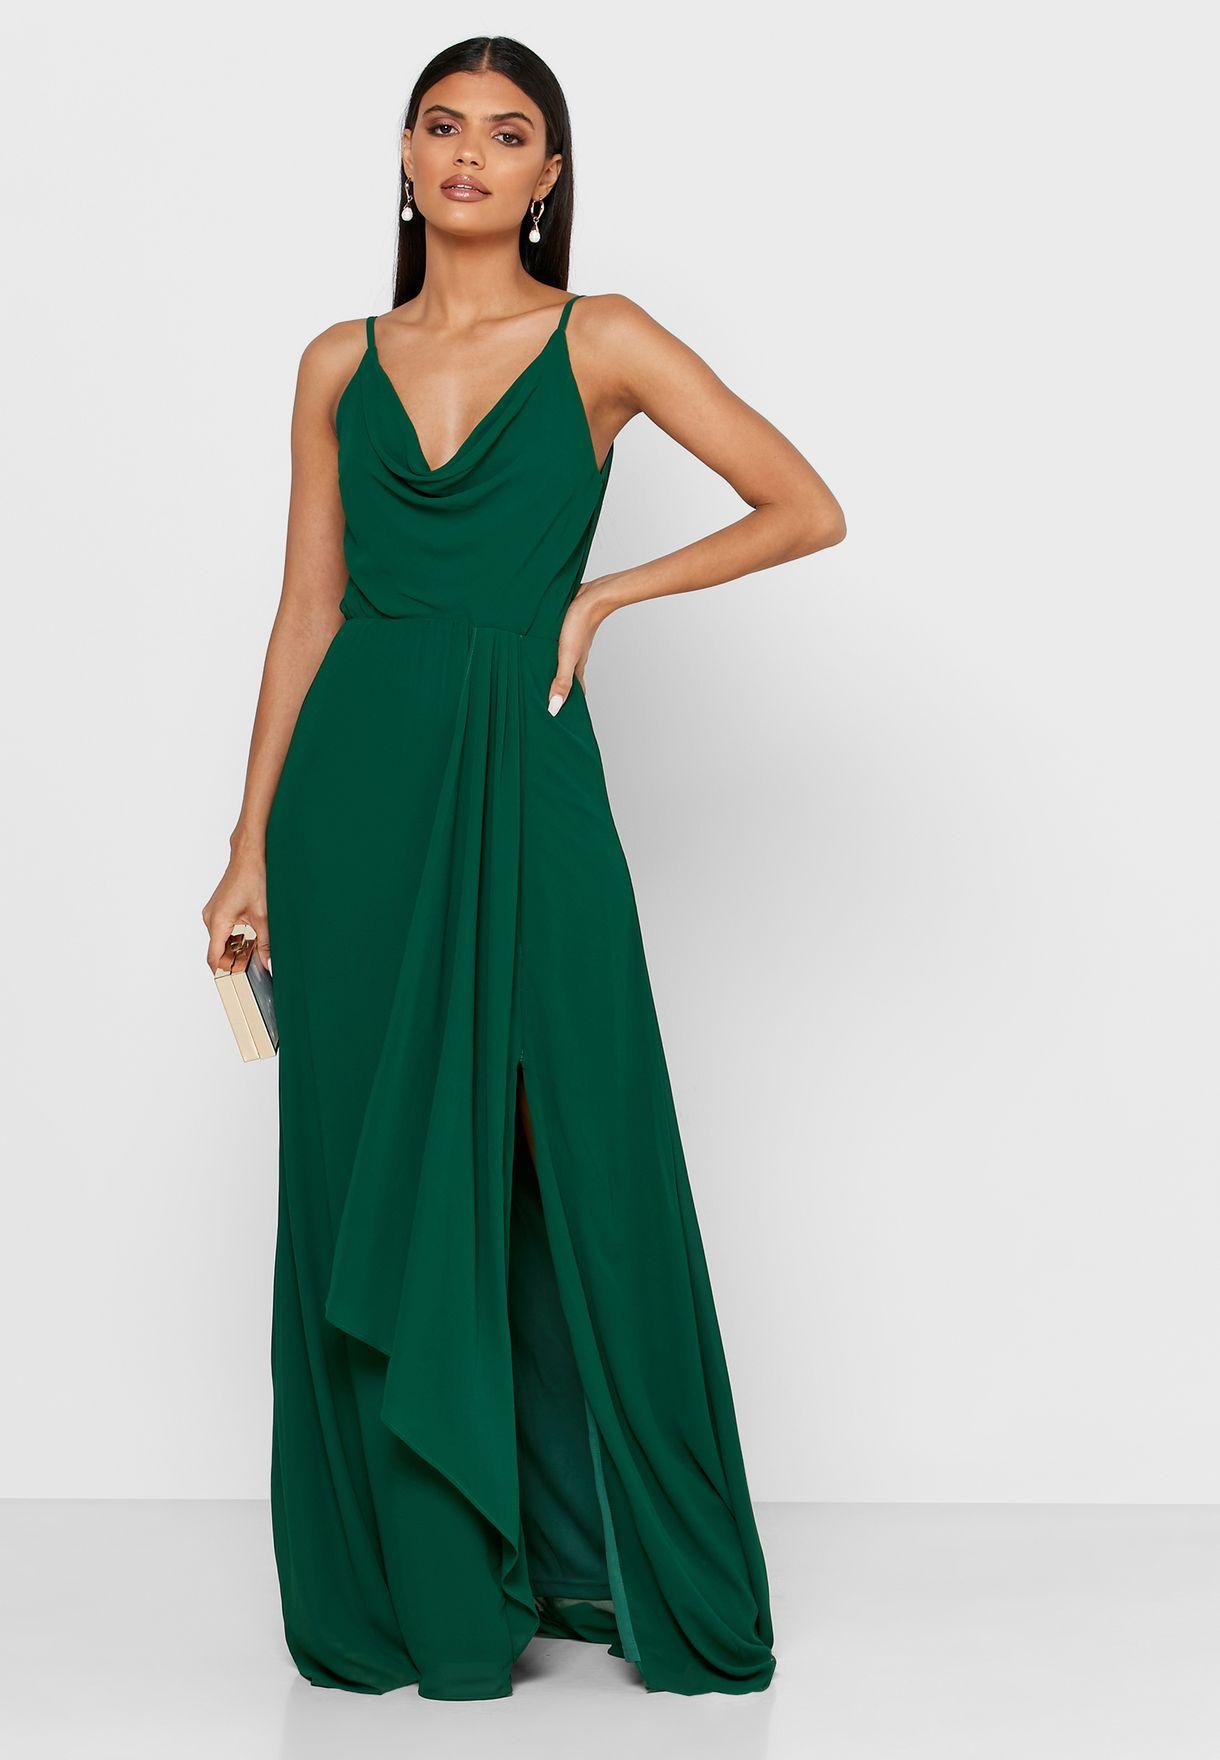 فستان بحمالات ومزين بكشكش